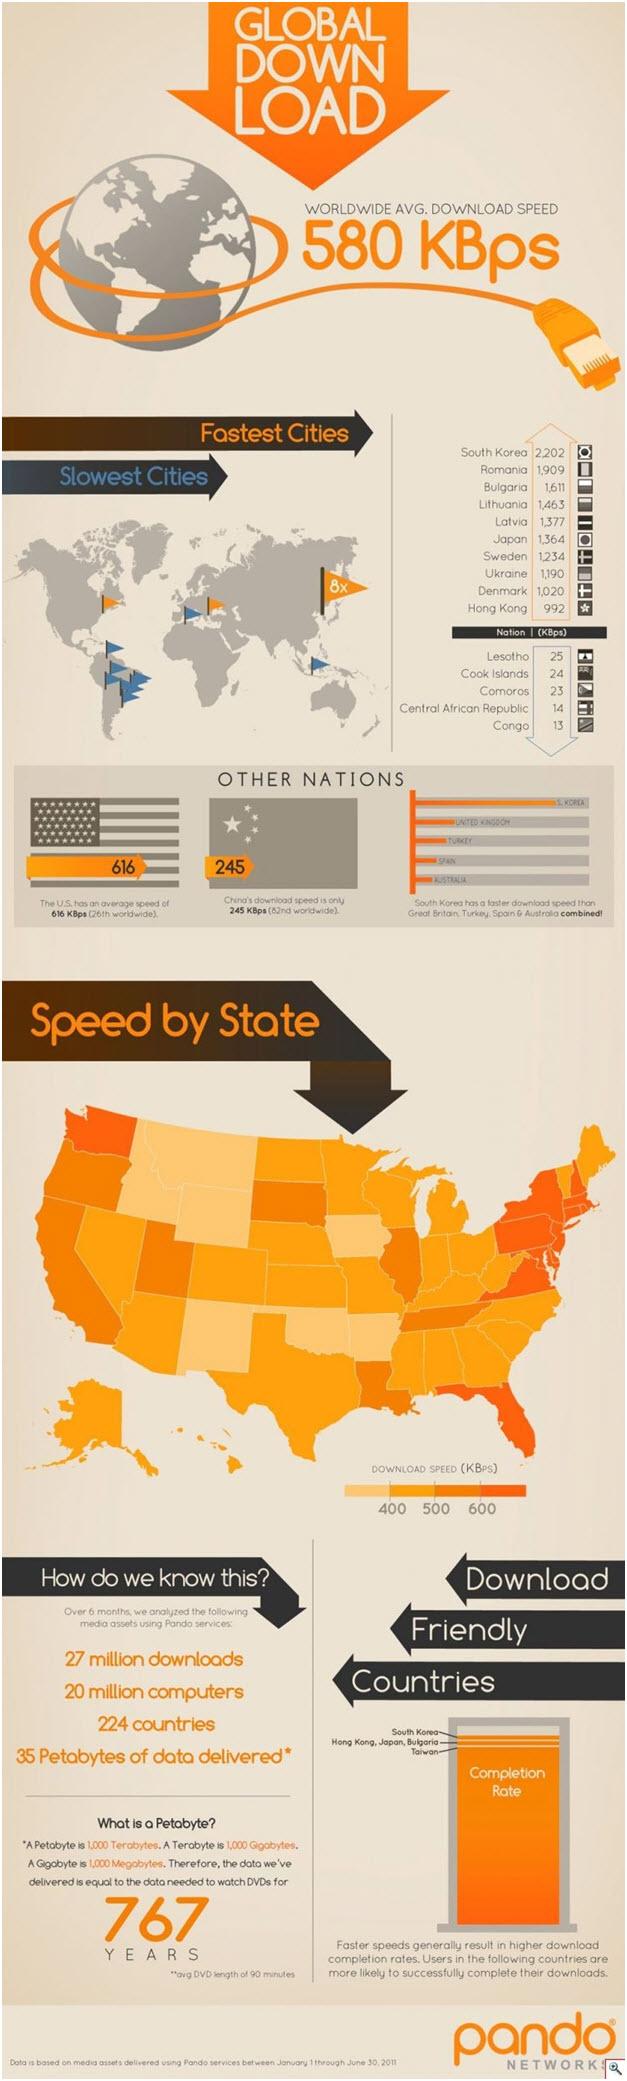 Où se trouve le service Internet le plus rapide au monde?